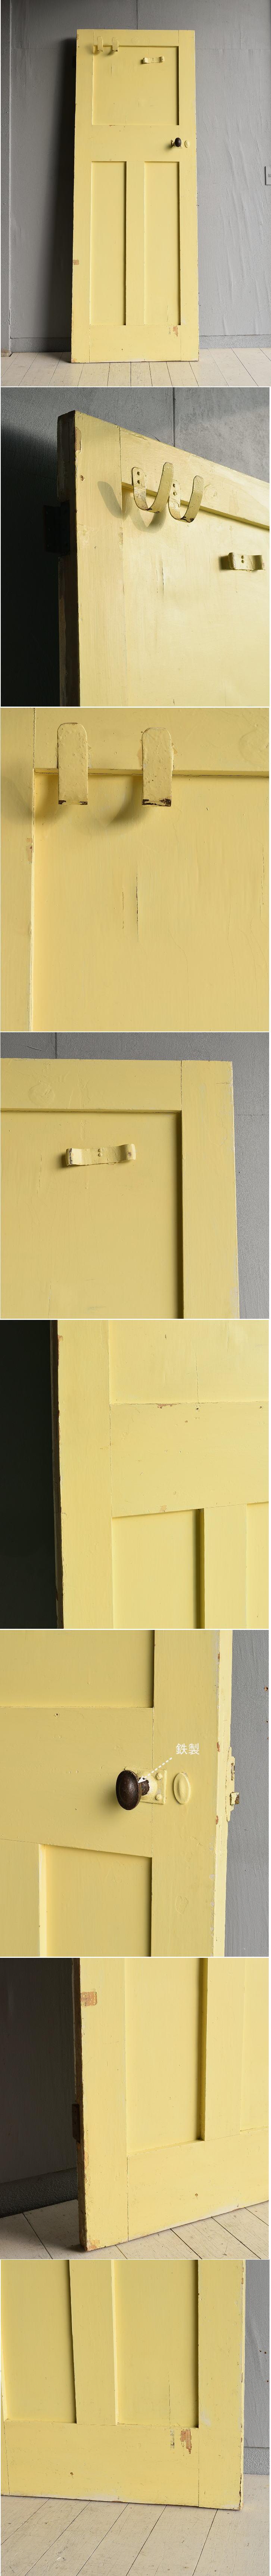 イギリス アンティーク ドア 扉 ディスプレイ 建具 7769